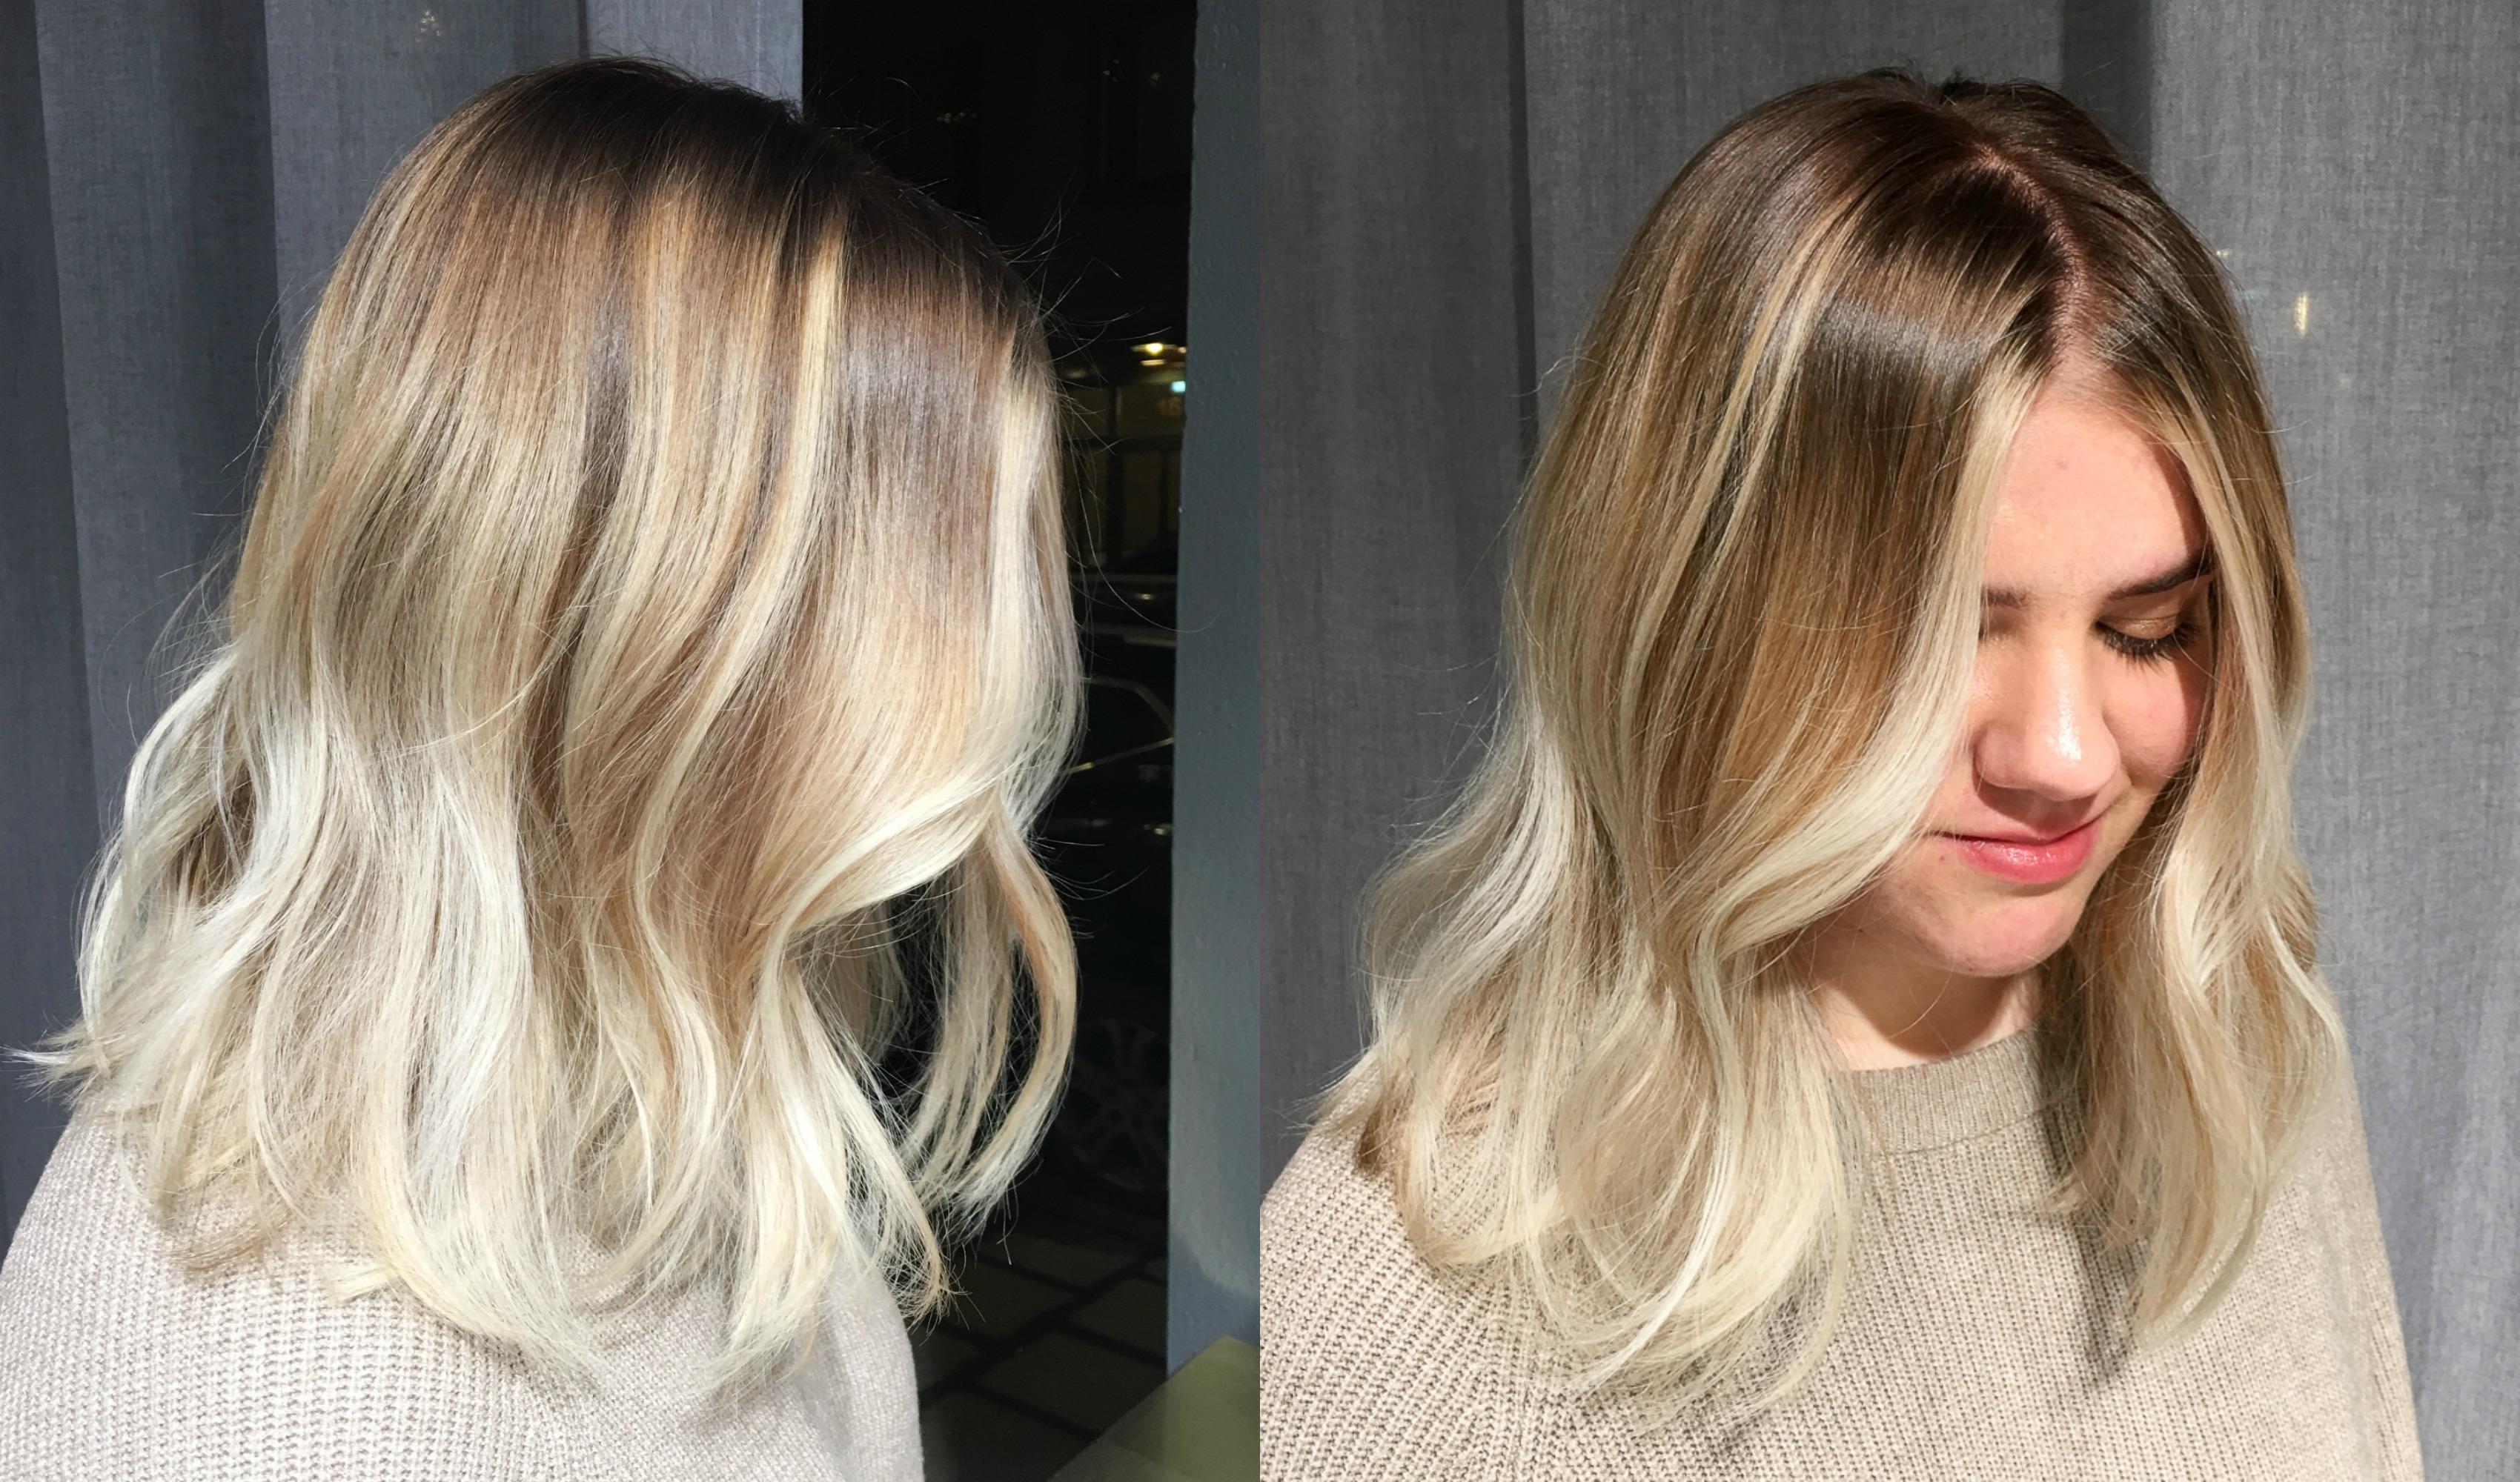 hur får man ljusare hår